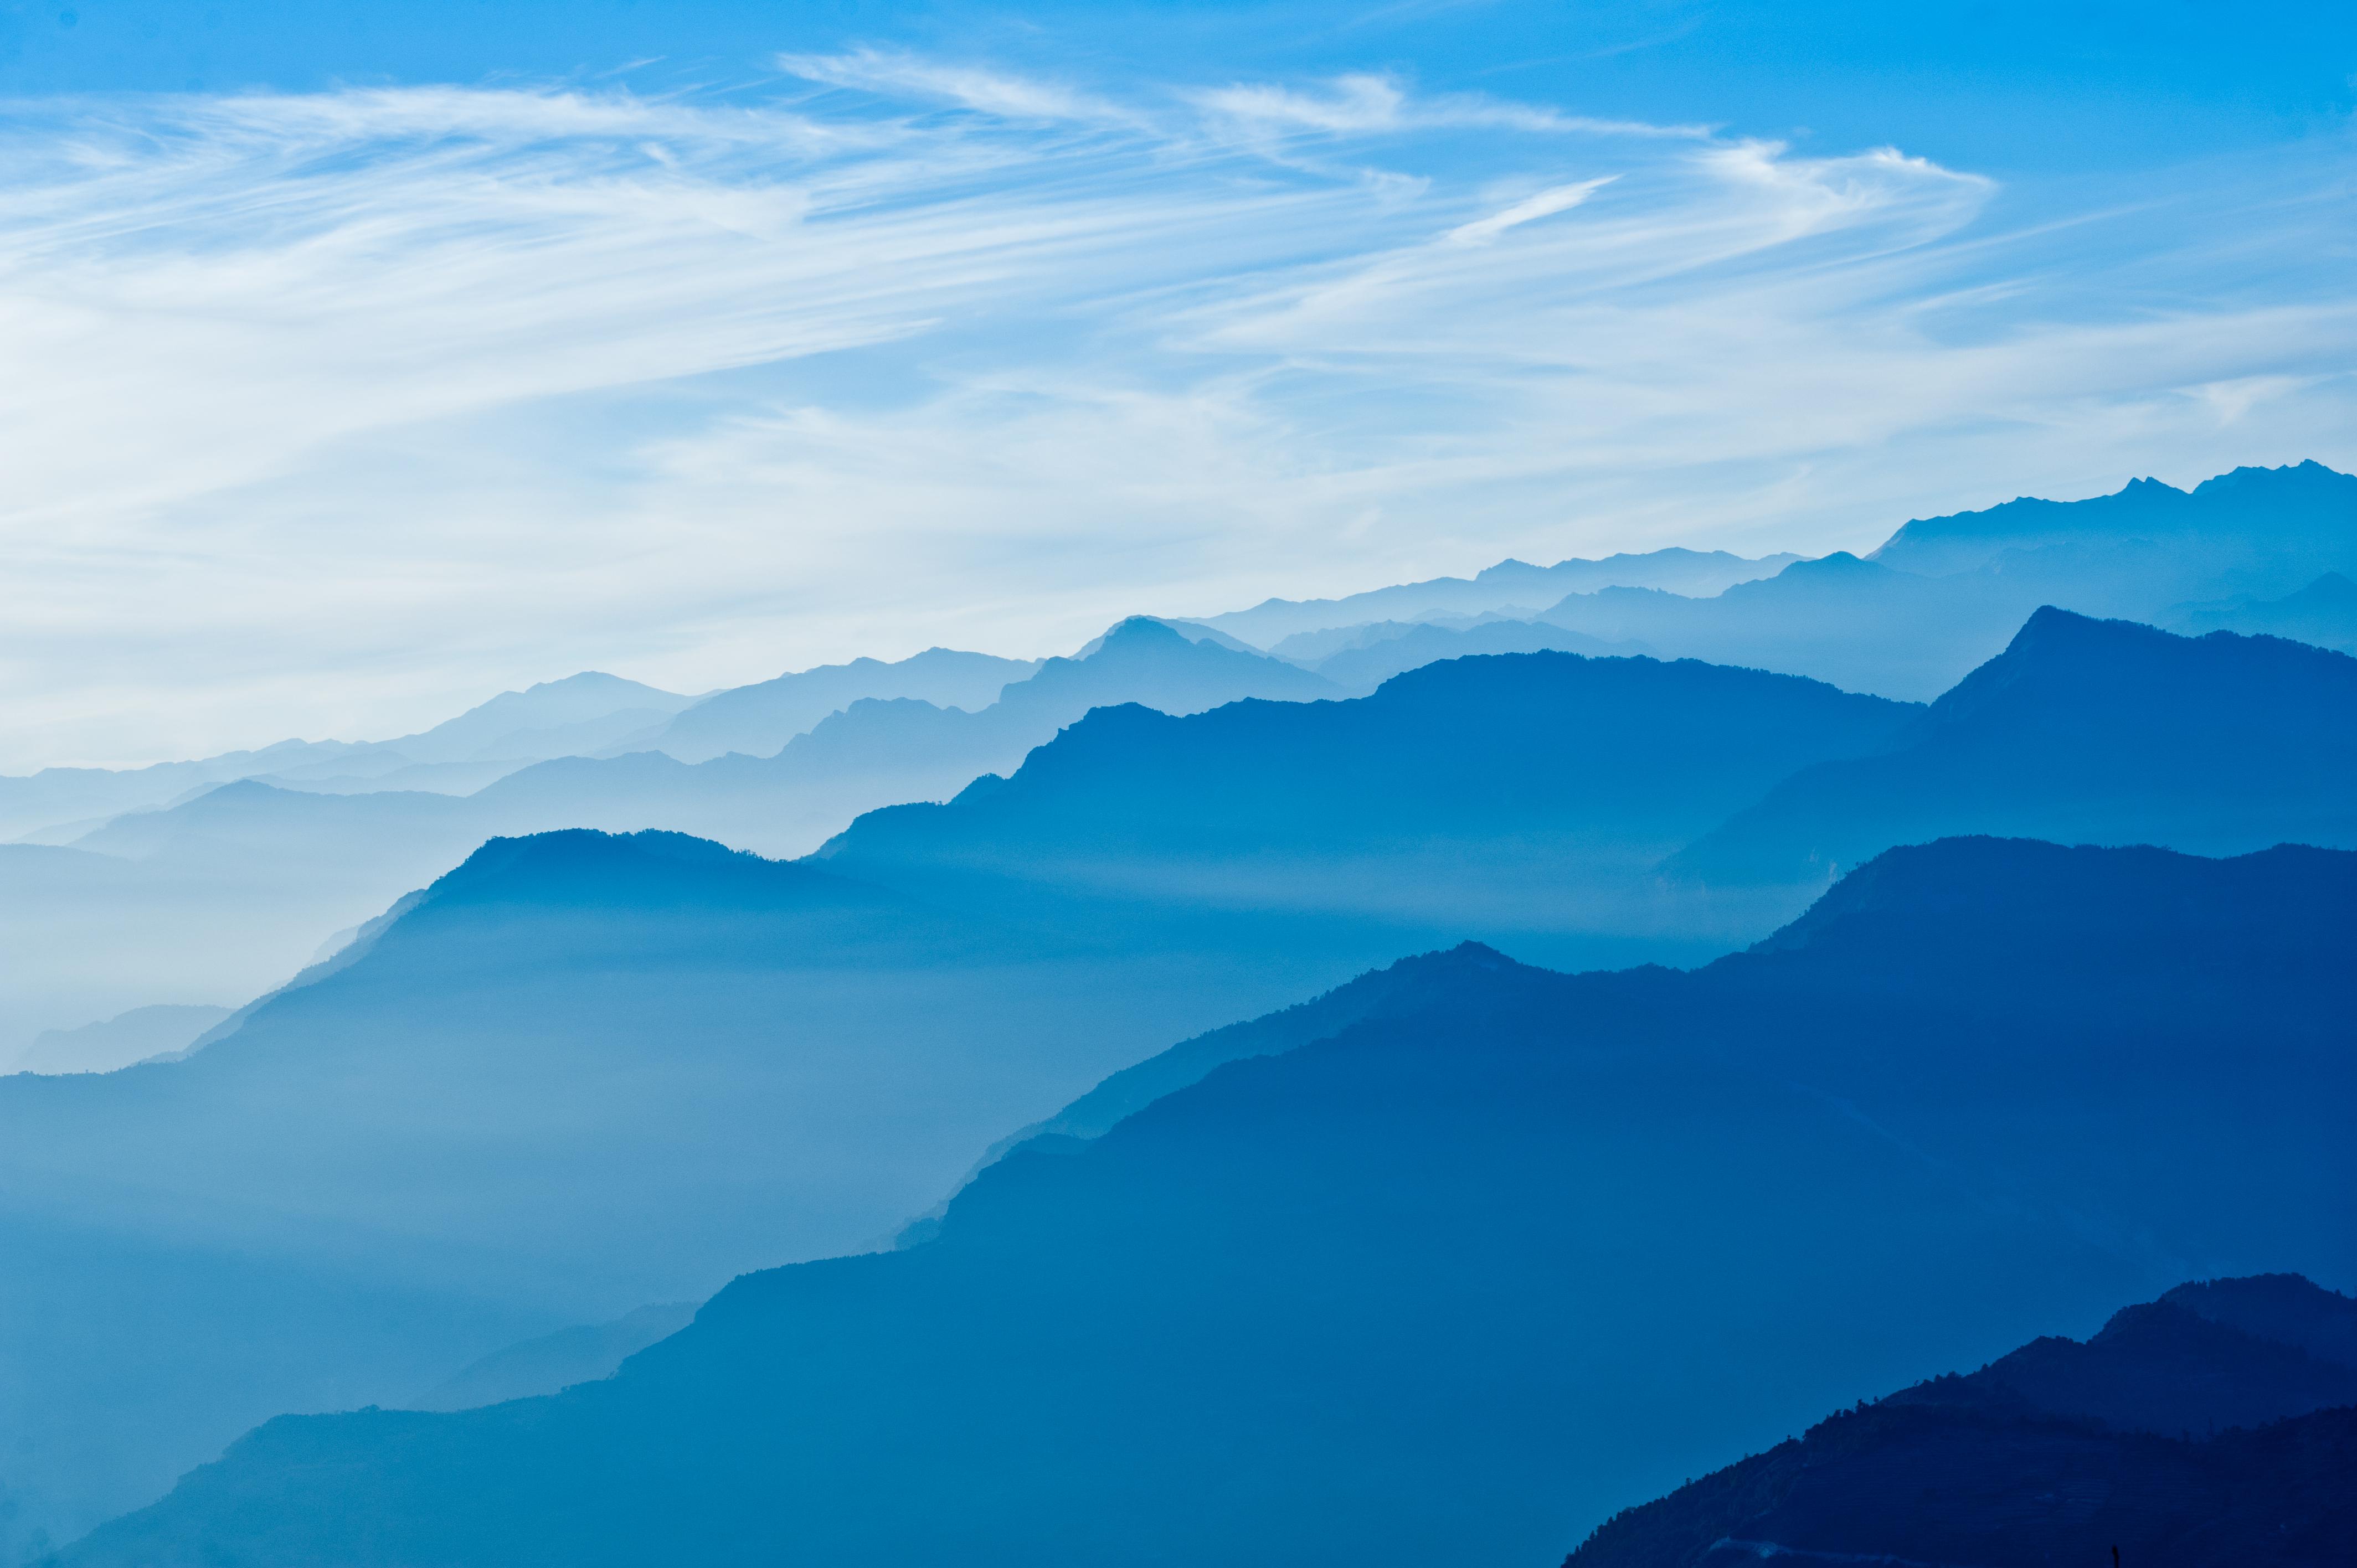 горы скалы небо облака высота природа  № 3352148 загрузить